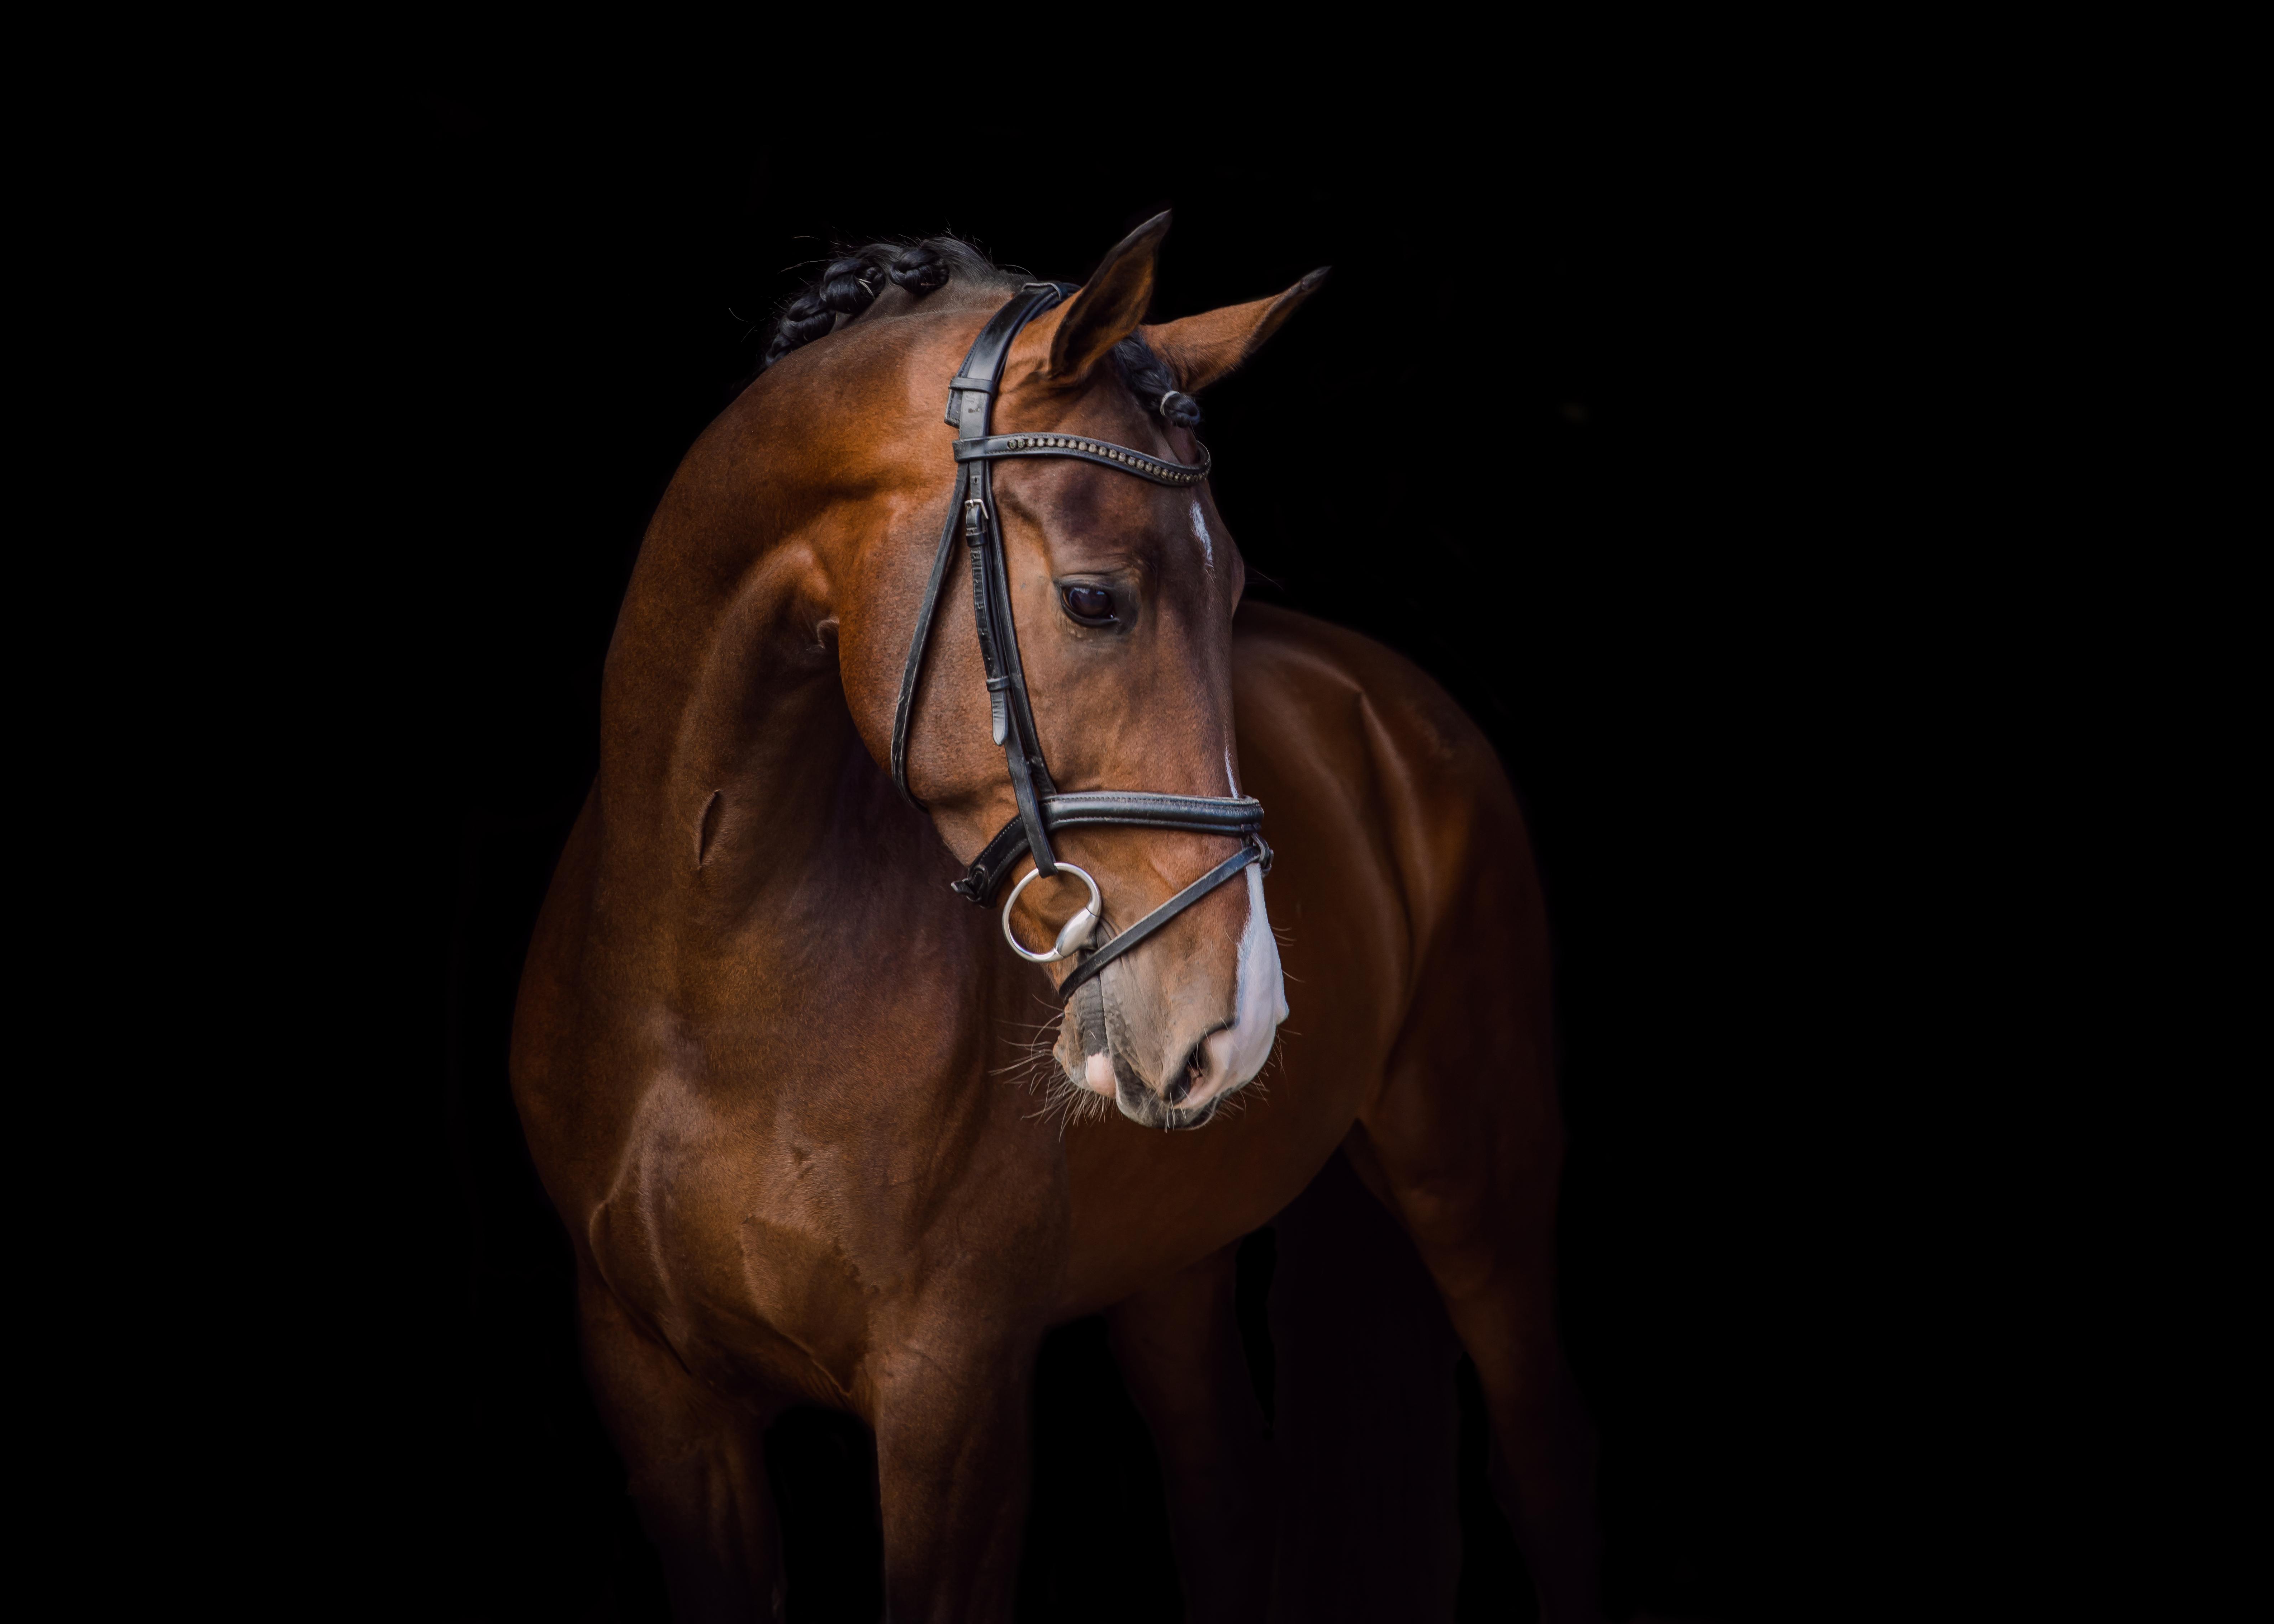 Blackphoto paard